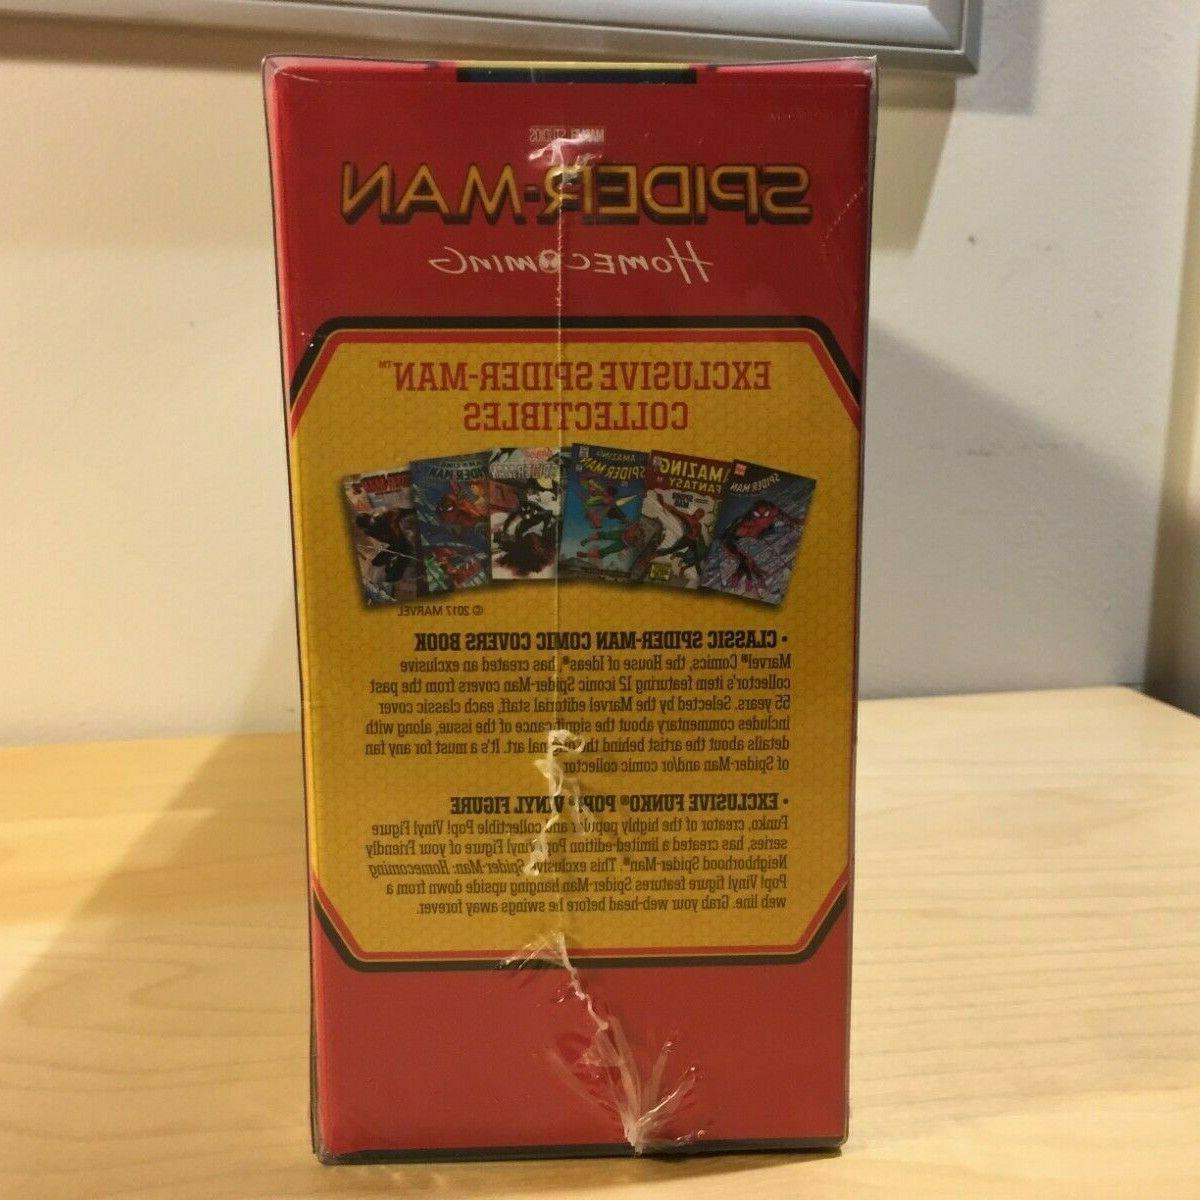 FUNKO Spider-Man Box #259